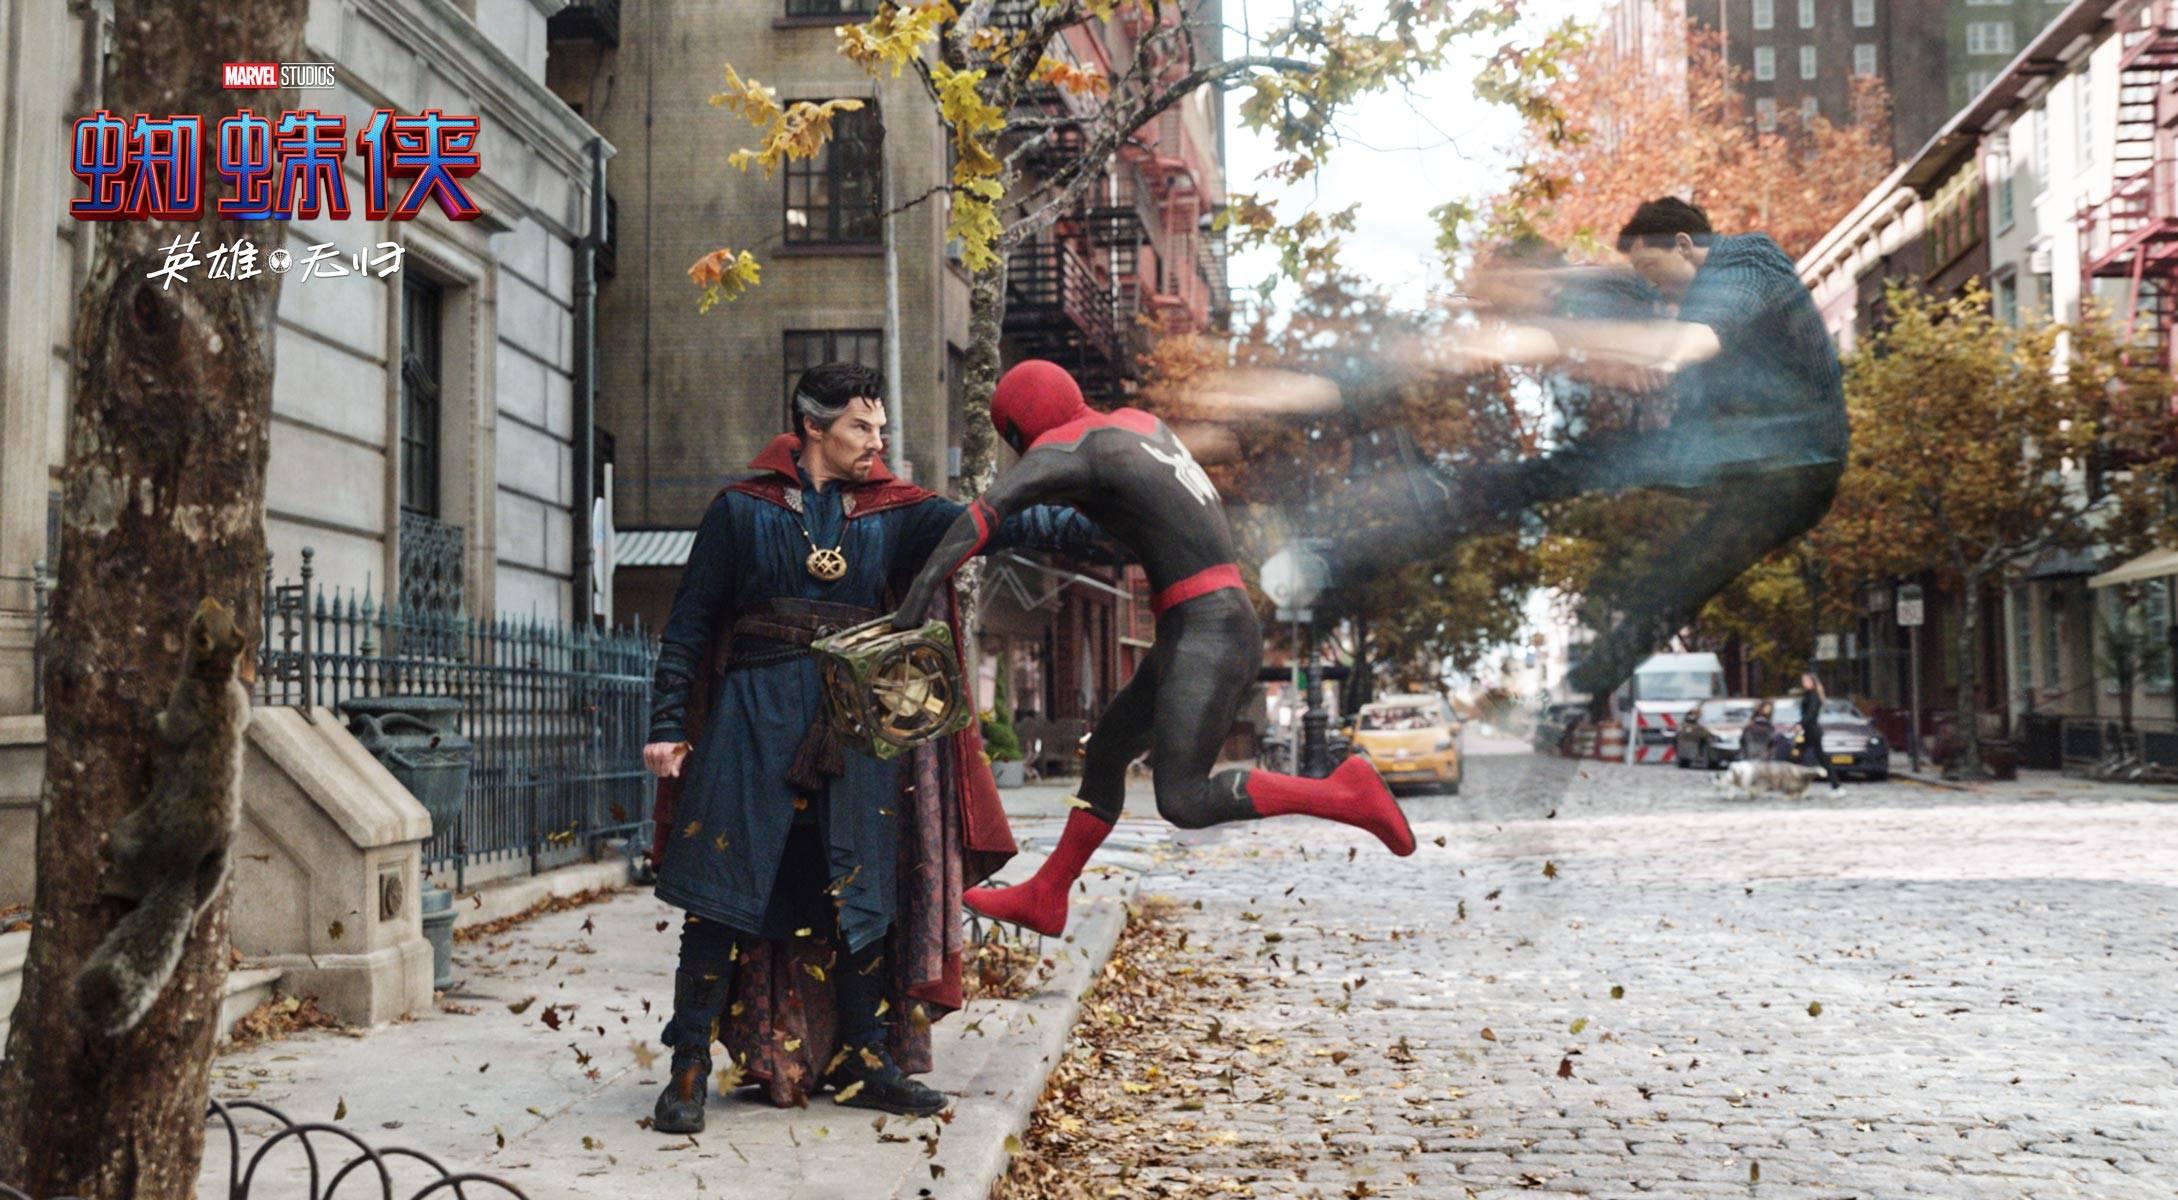 《蜘蛛侠:英雄无归》预告24小时观看量破纪录 登顶影史第一